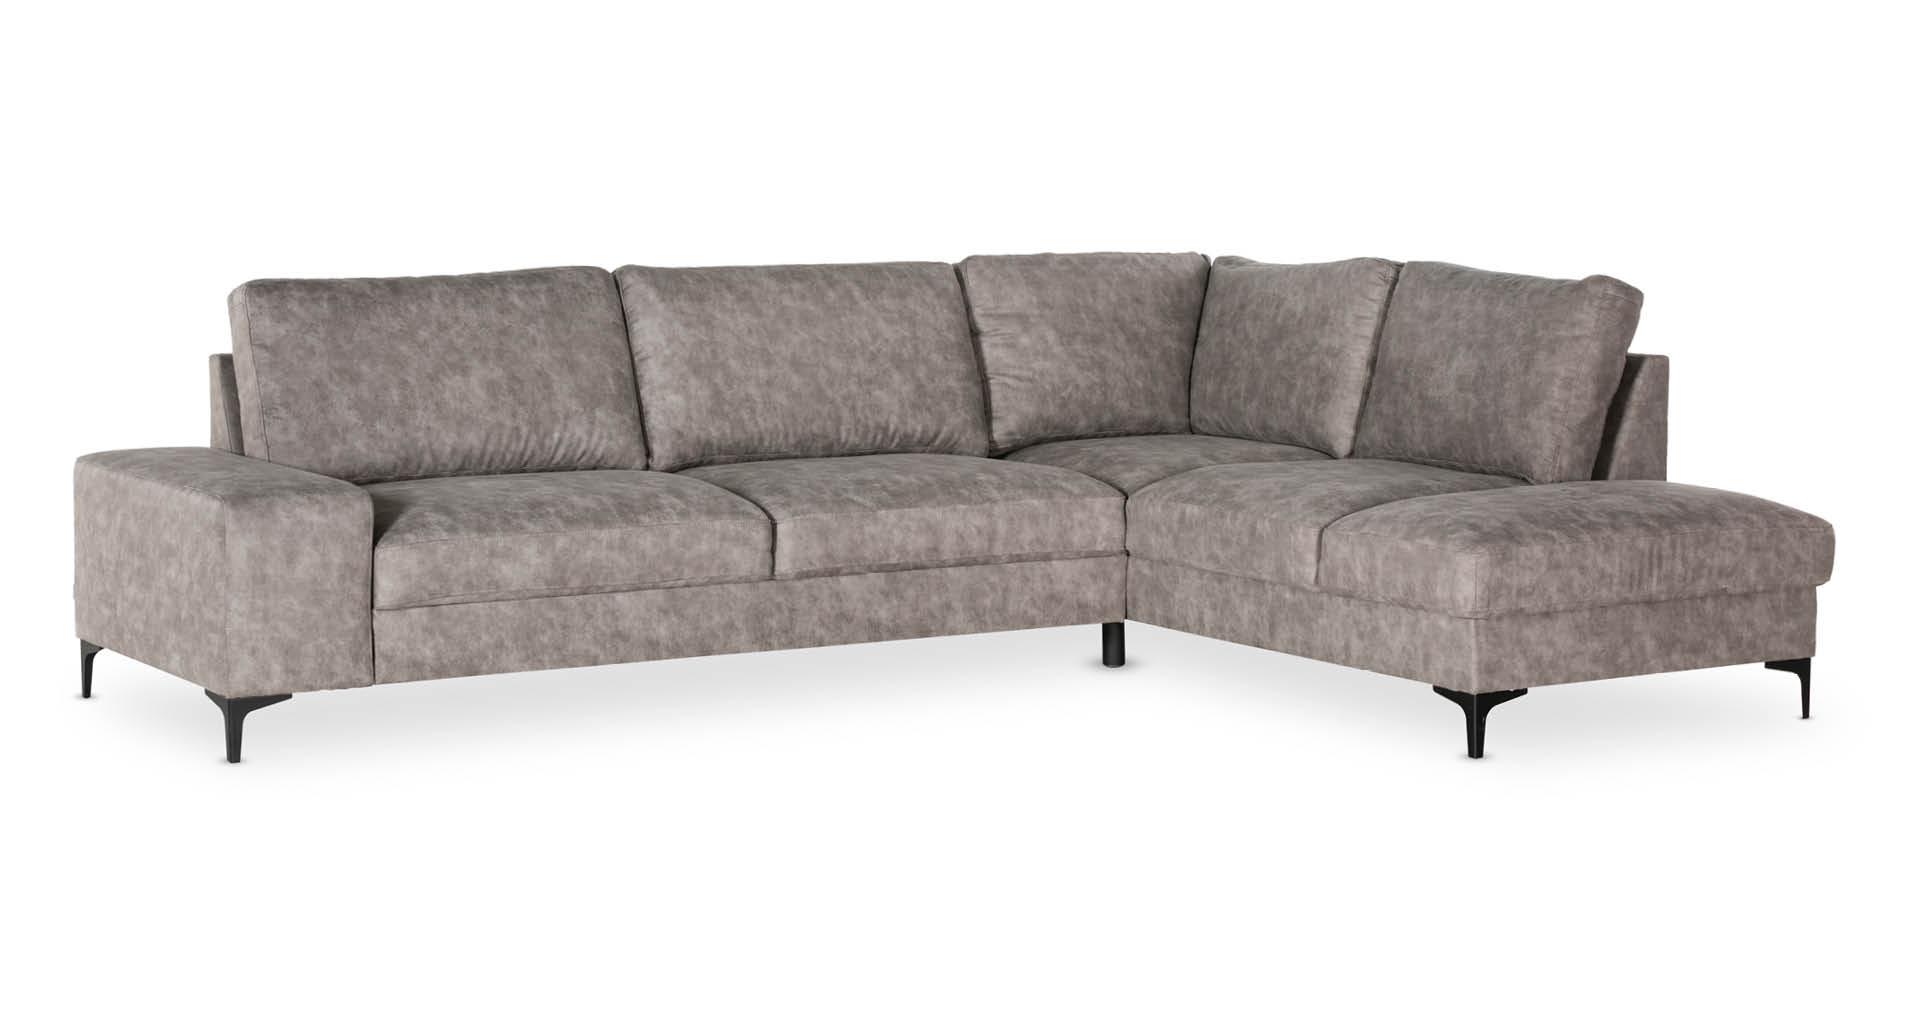 """ספה פינתית פלאביו צד ימין 300 ס""""מ בגוון אפור קלאודי"""